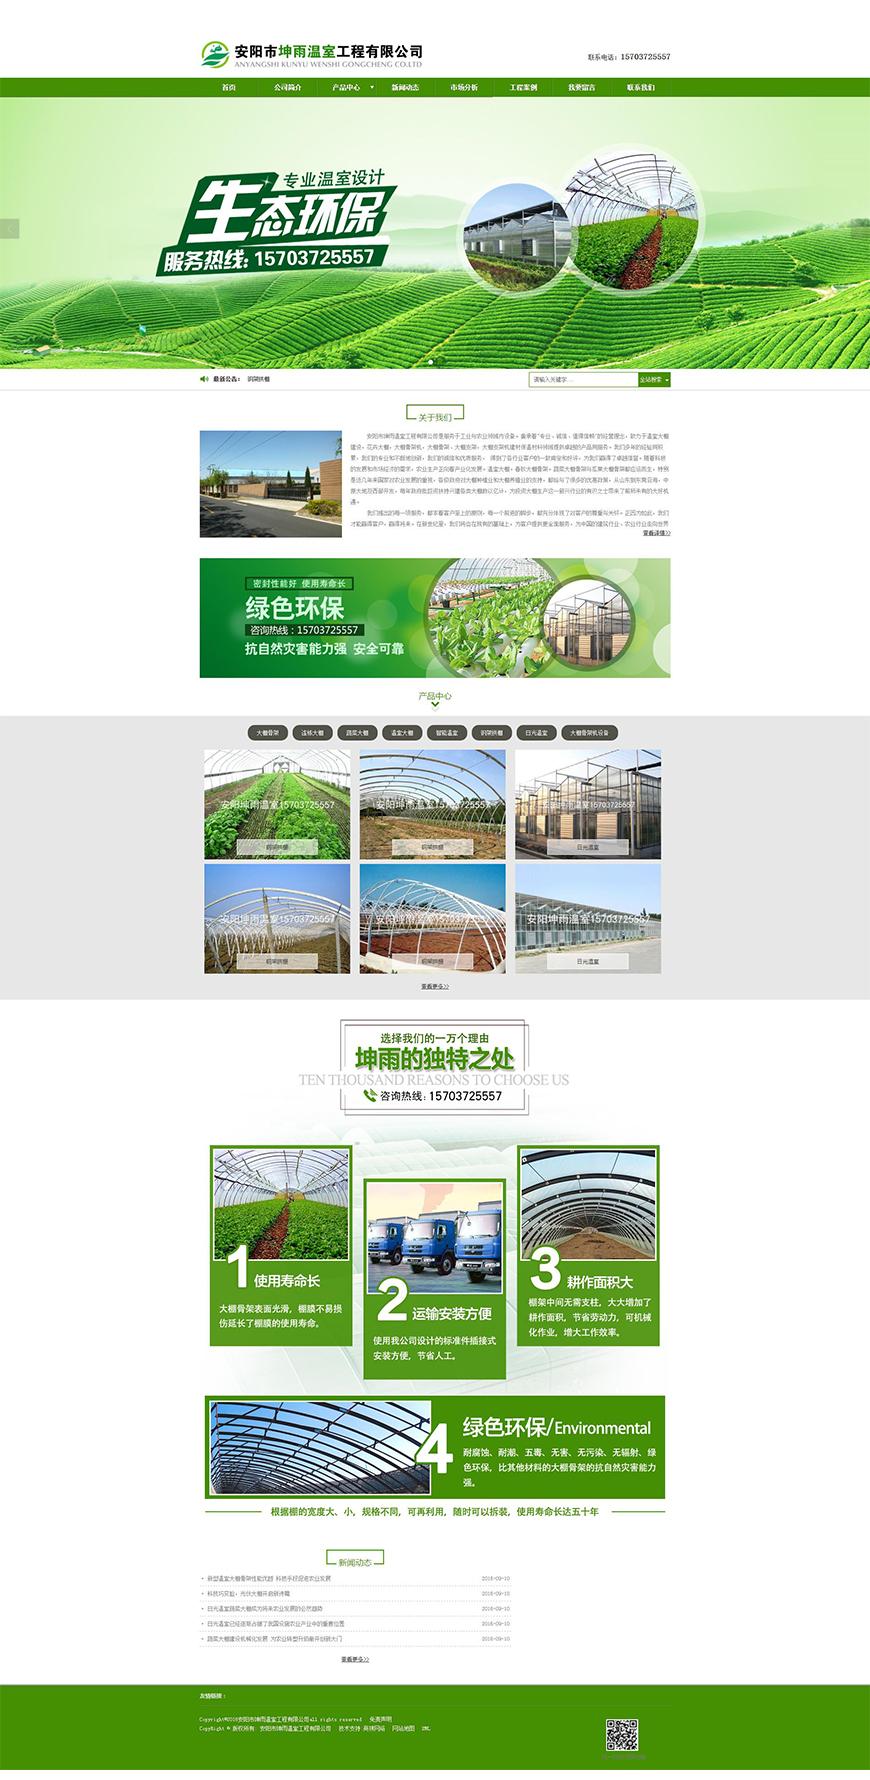 坤雨温室工程.jpg